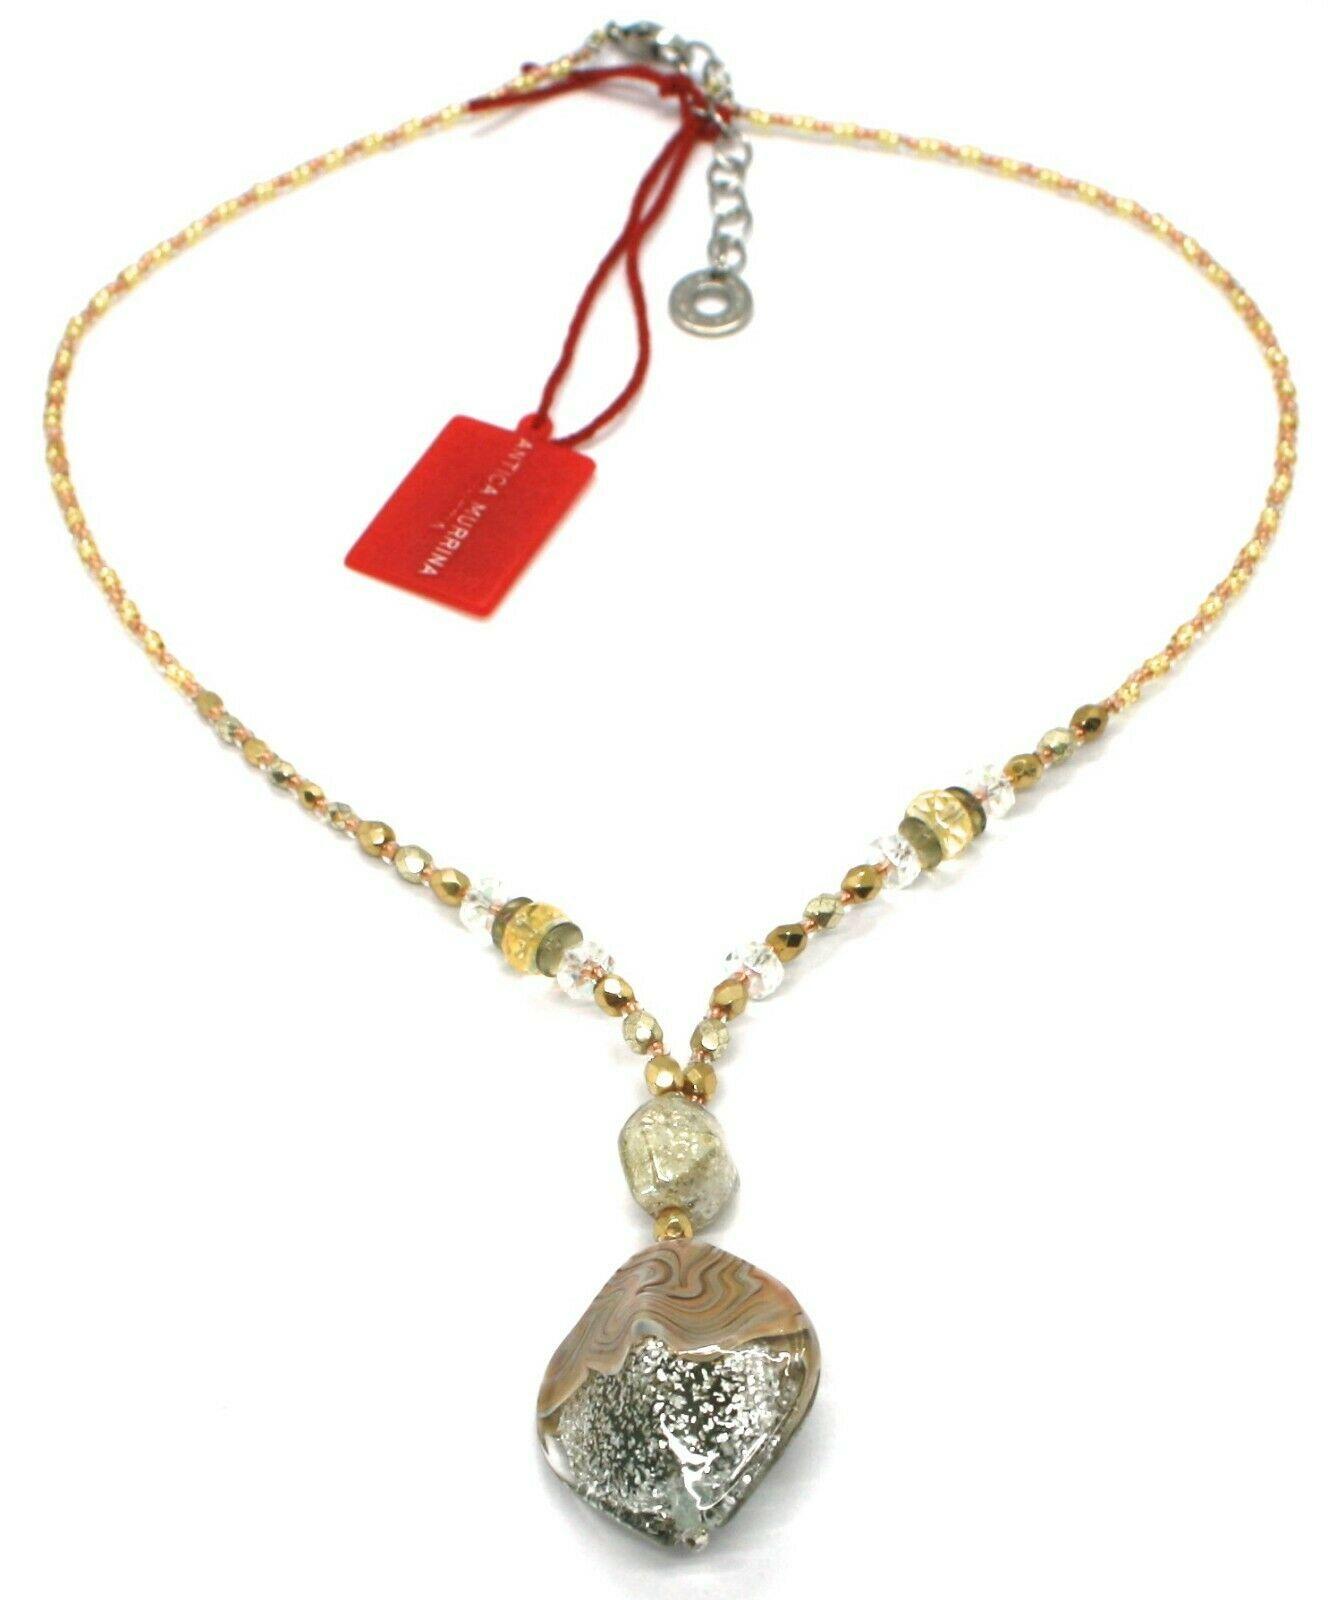 Necklace Antica Murrina Venezia, 45 cm, CO863A10, Pendant White Glitter Stripe